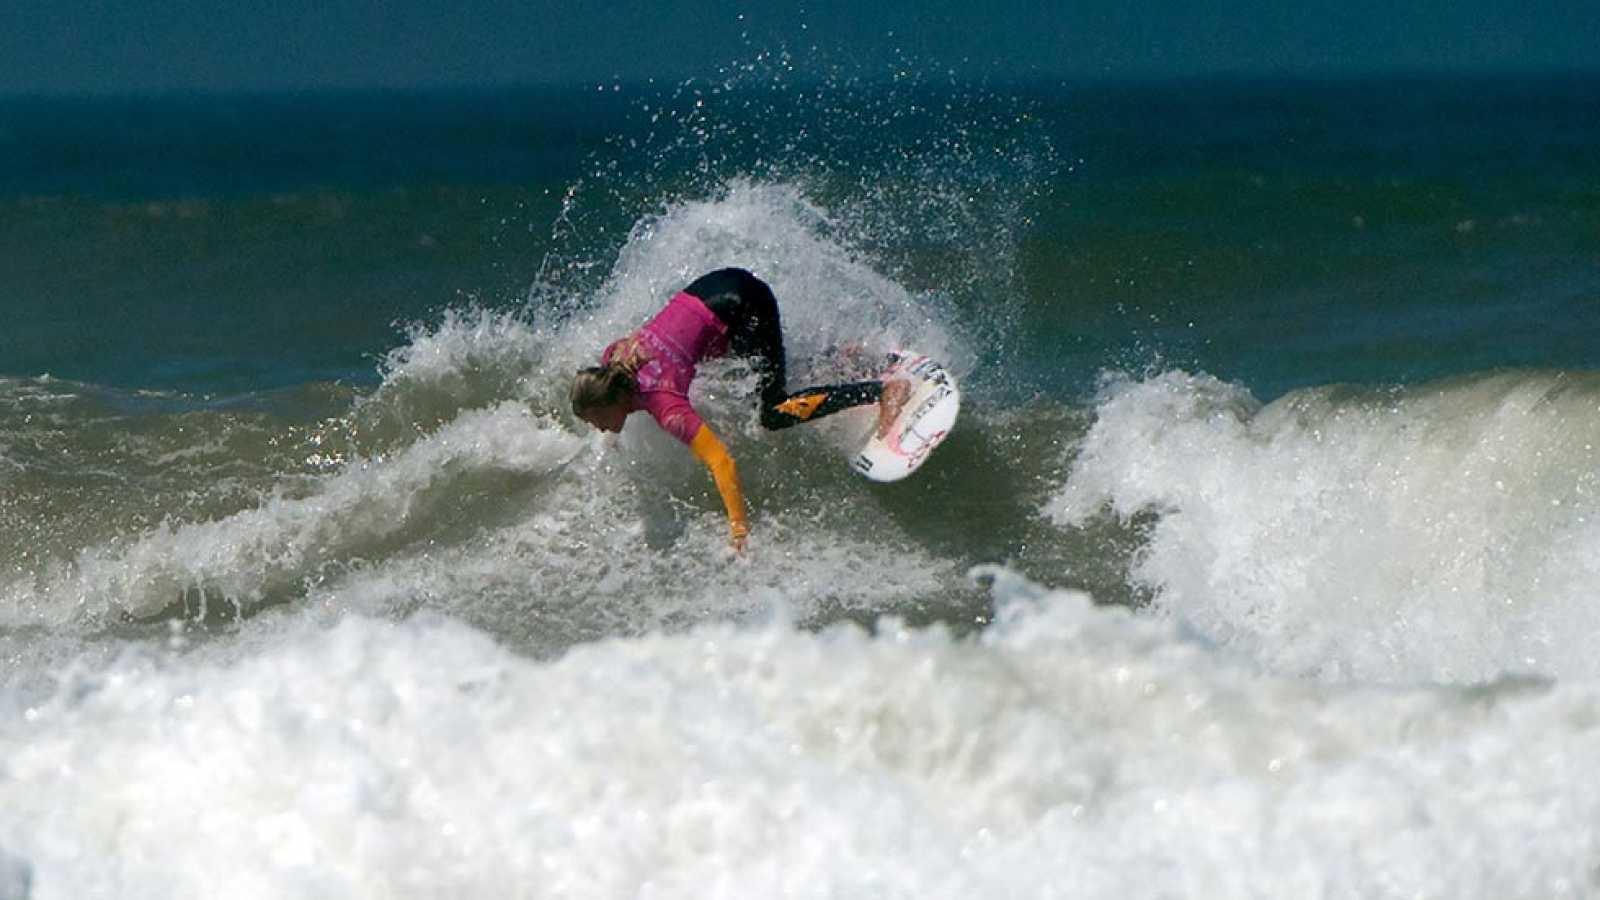 Circuito Mundial De Surf : Marruecos nueva parada obligatoria del circuito mundial de surf